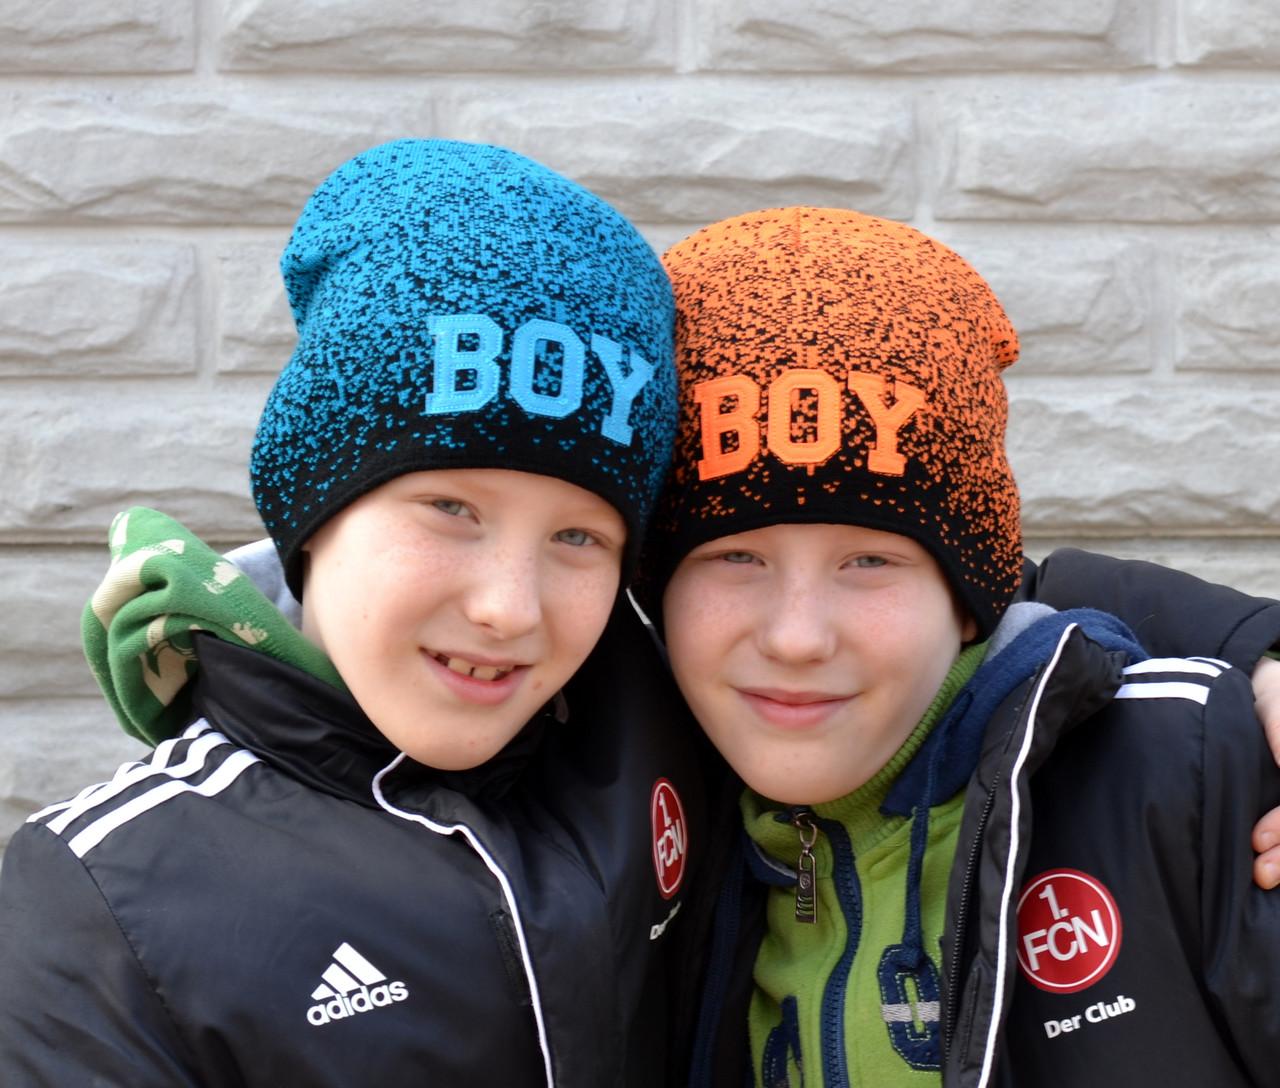 №114 Детская шапка BOY. 1,5 слоя. Мальчик/девочка 3-7 лет р.50-54.  бирюза,  оранж, малина